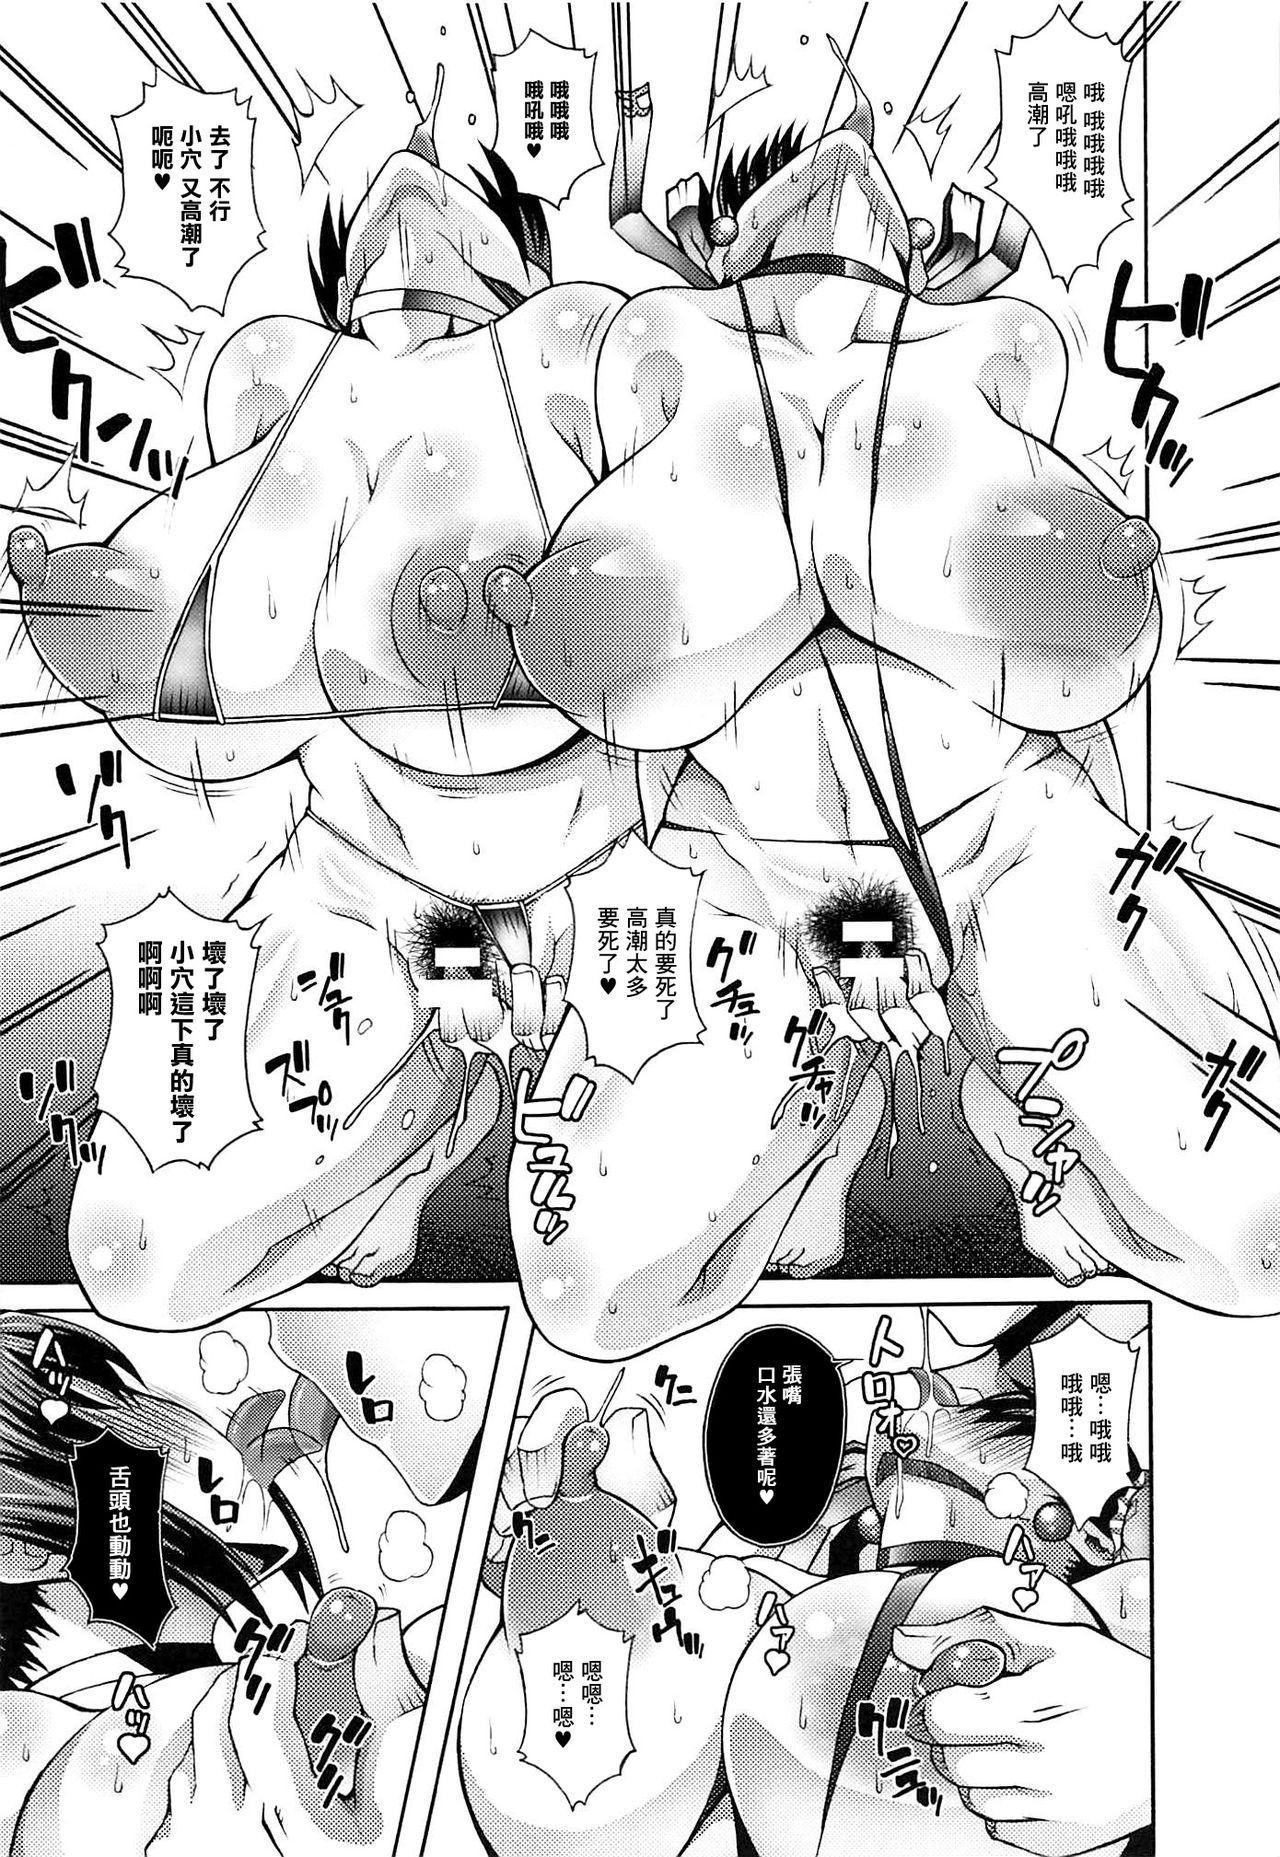 Nipponichi no Dosukebe Onna ga Charao ni Nanpa Sarete Hotel ni Tsurekomareru Ohanashi 22